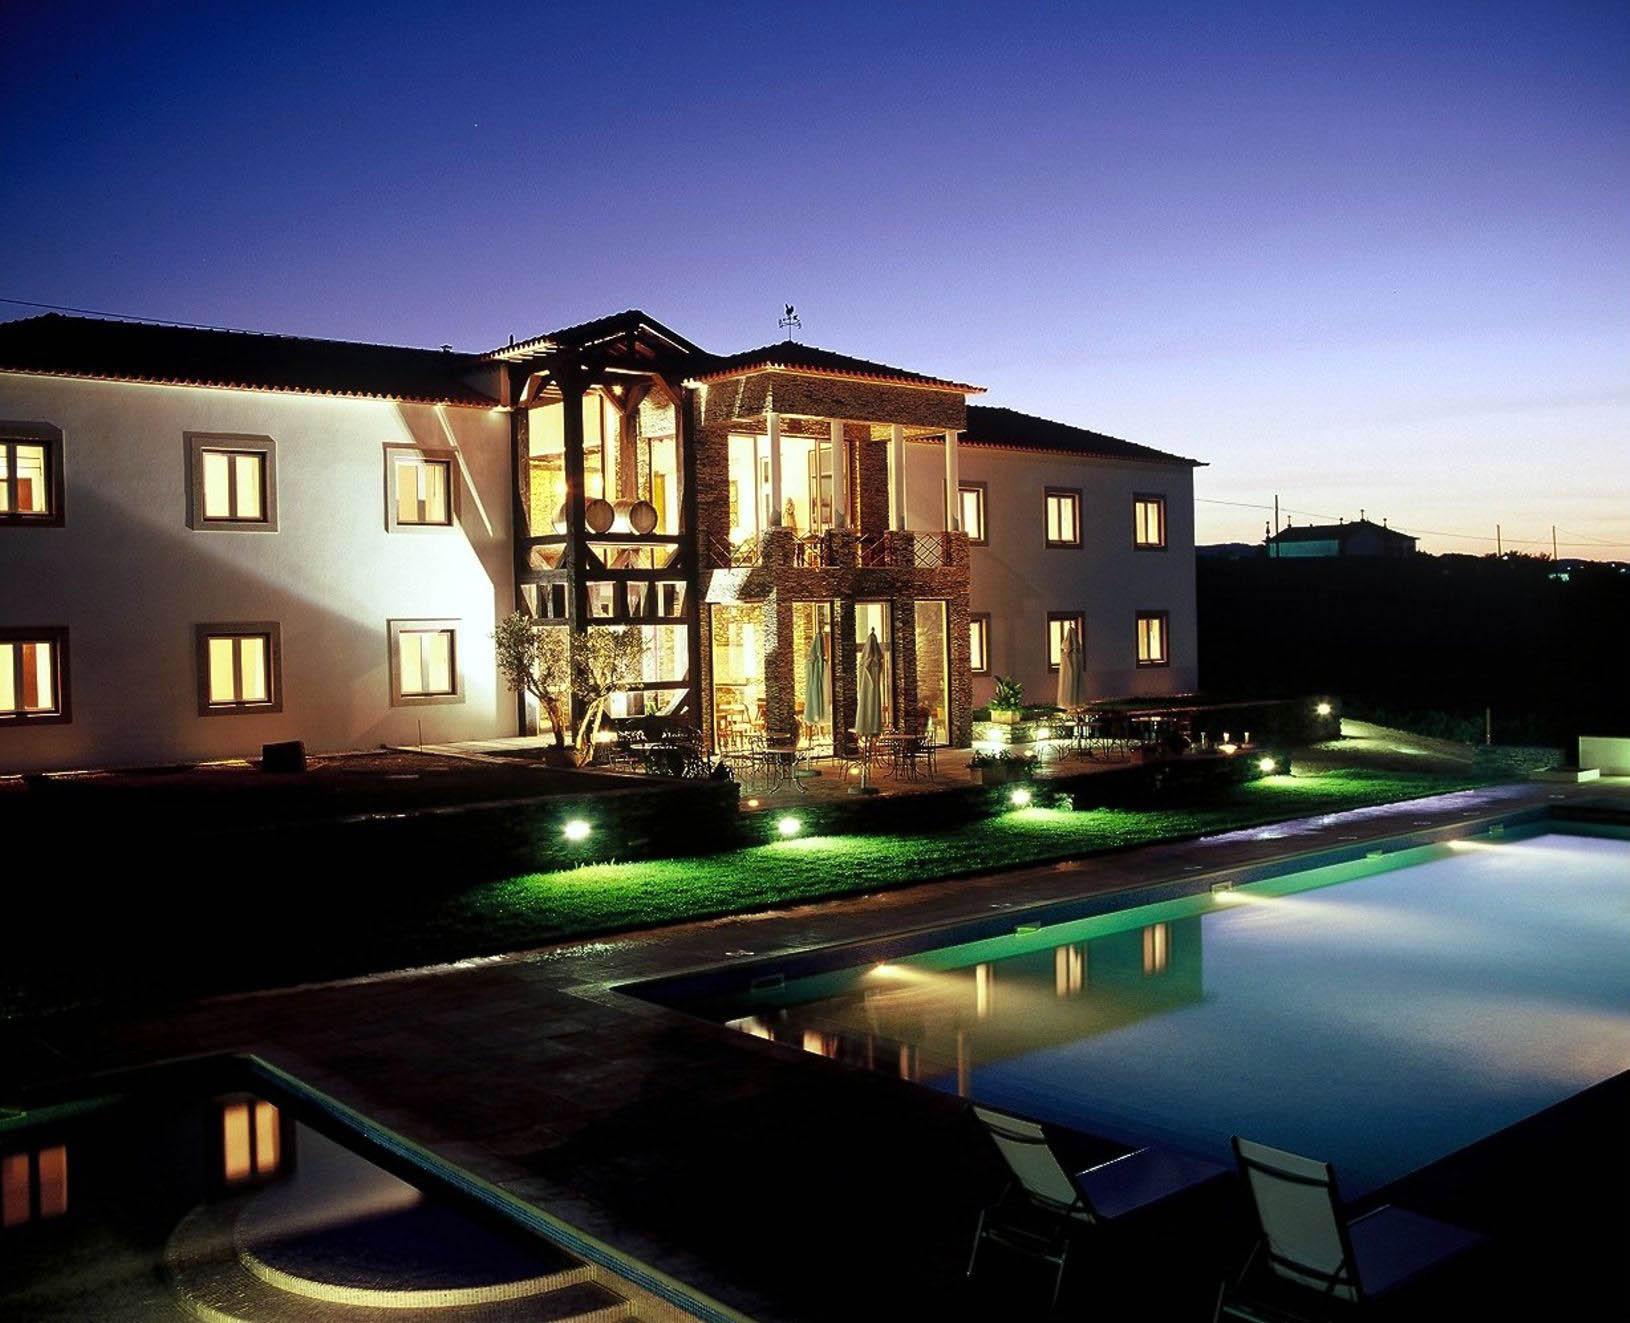 casa pipas e piscina - noite.jpg